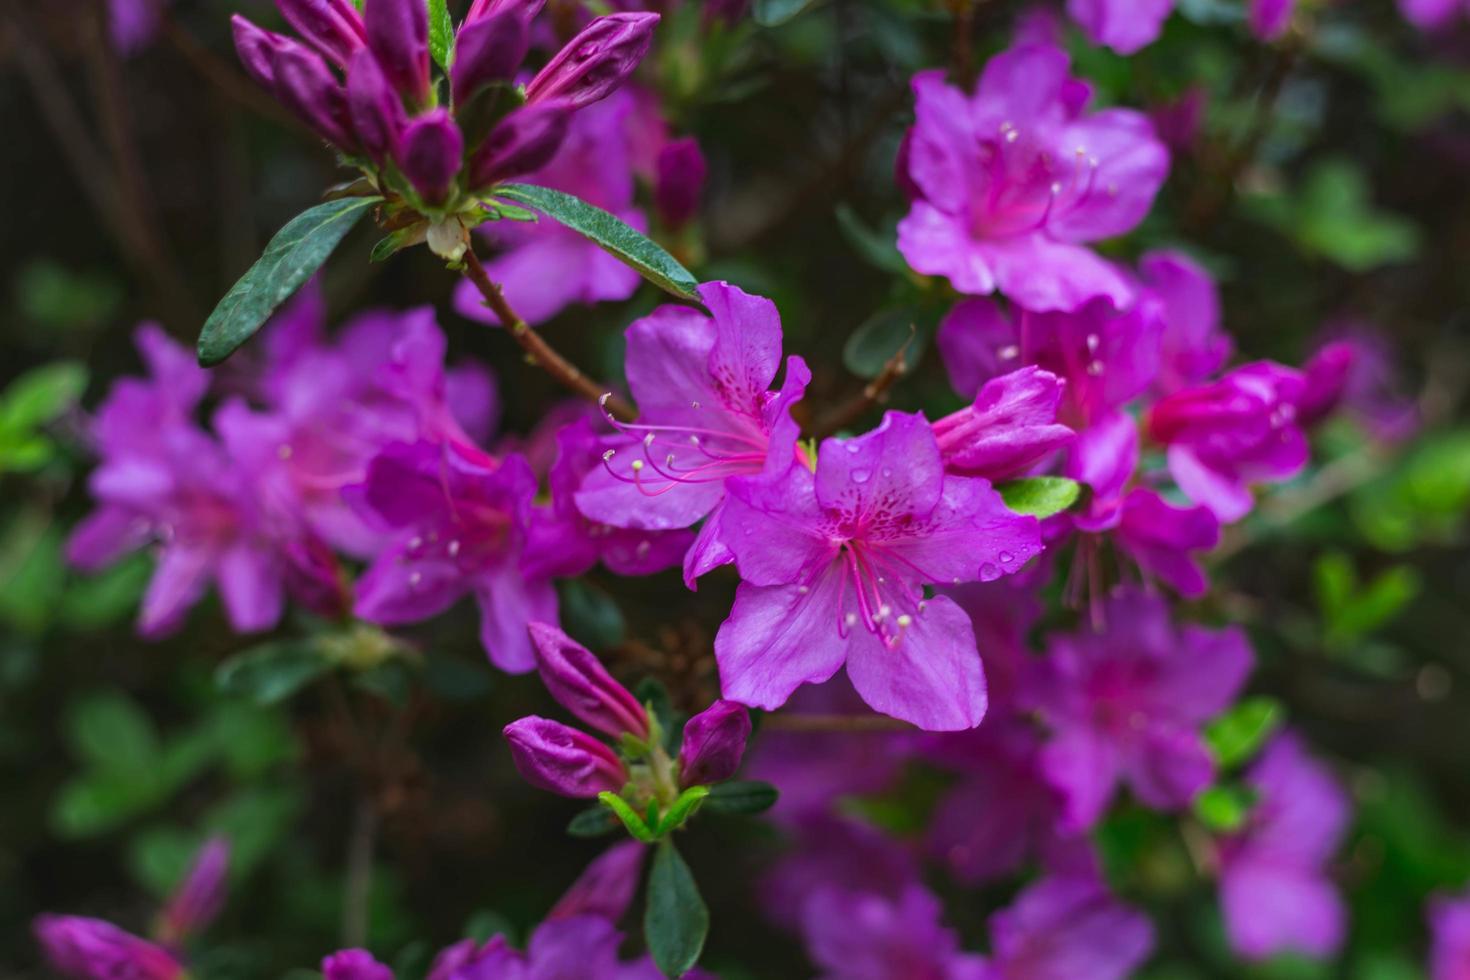 fioritura fiori viola foto